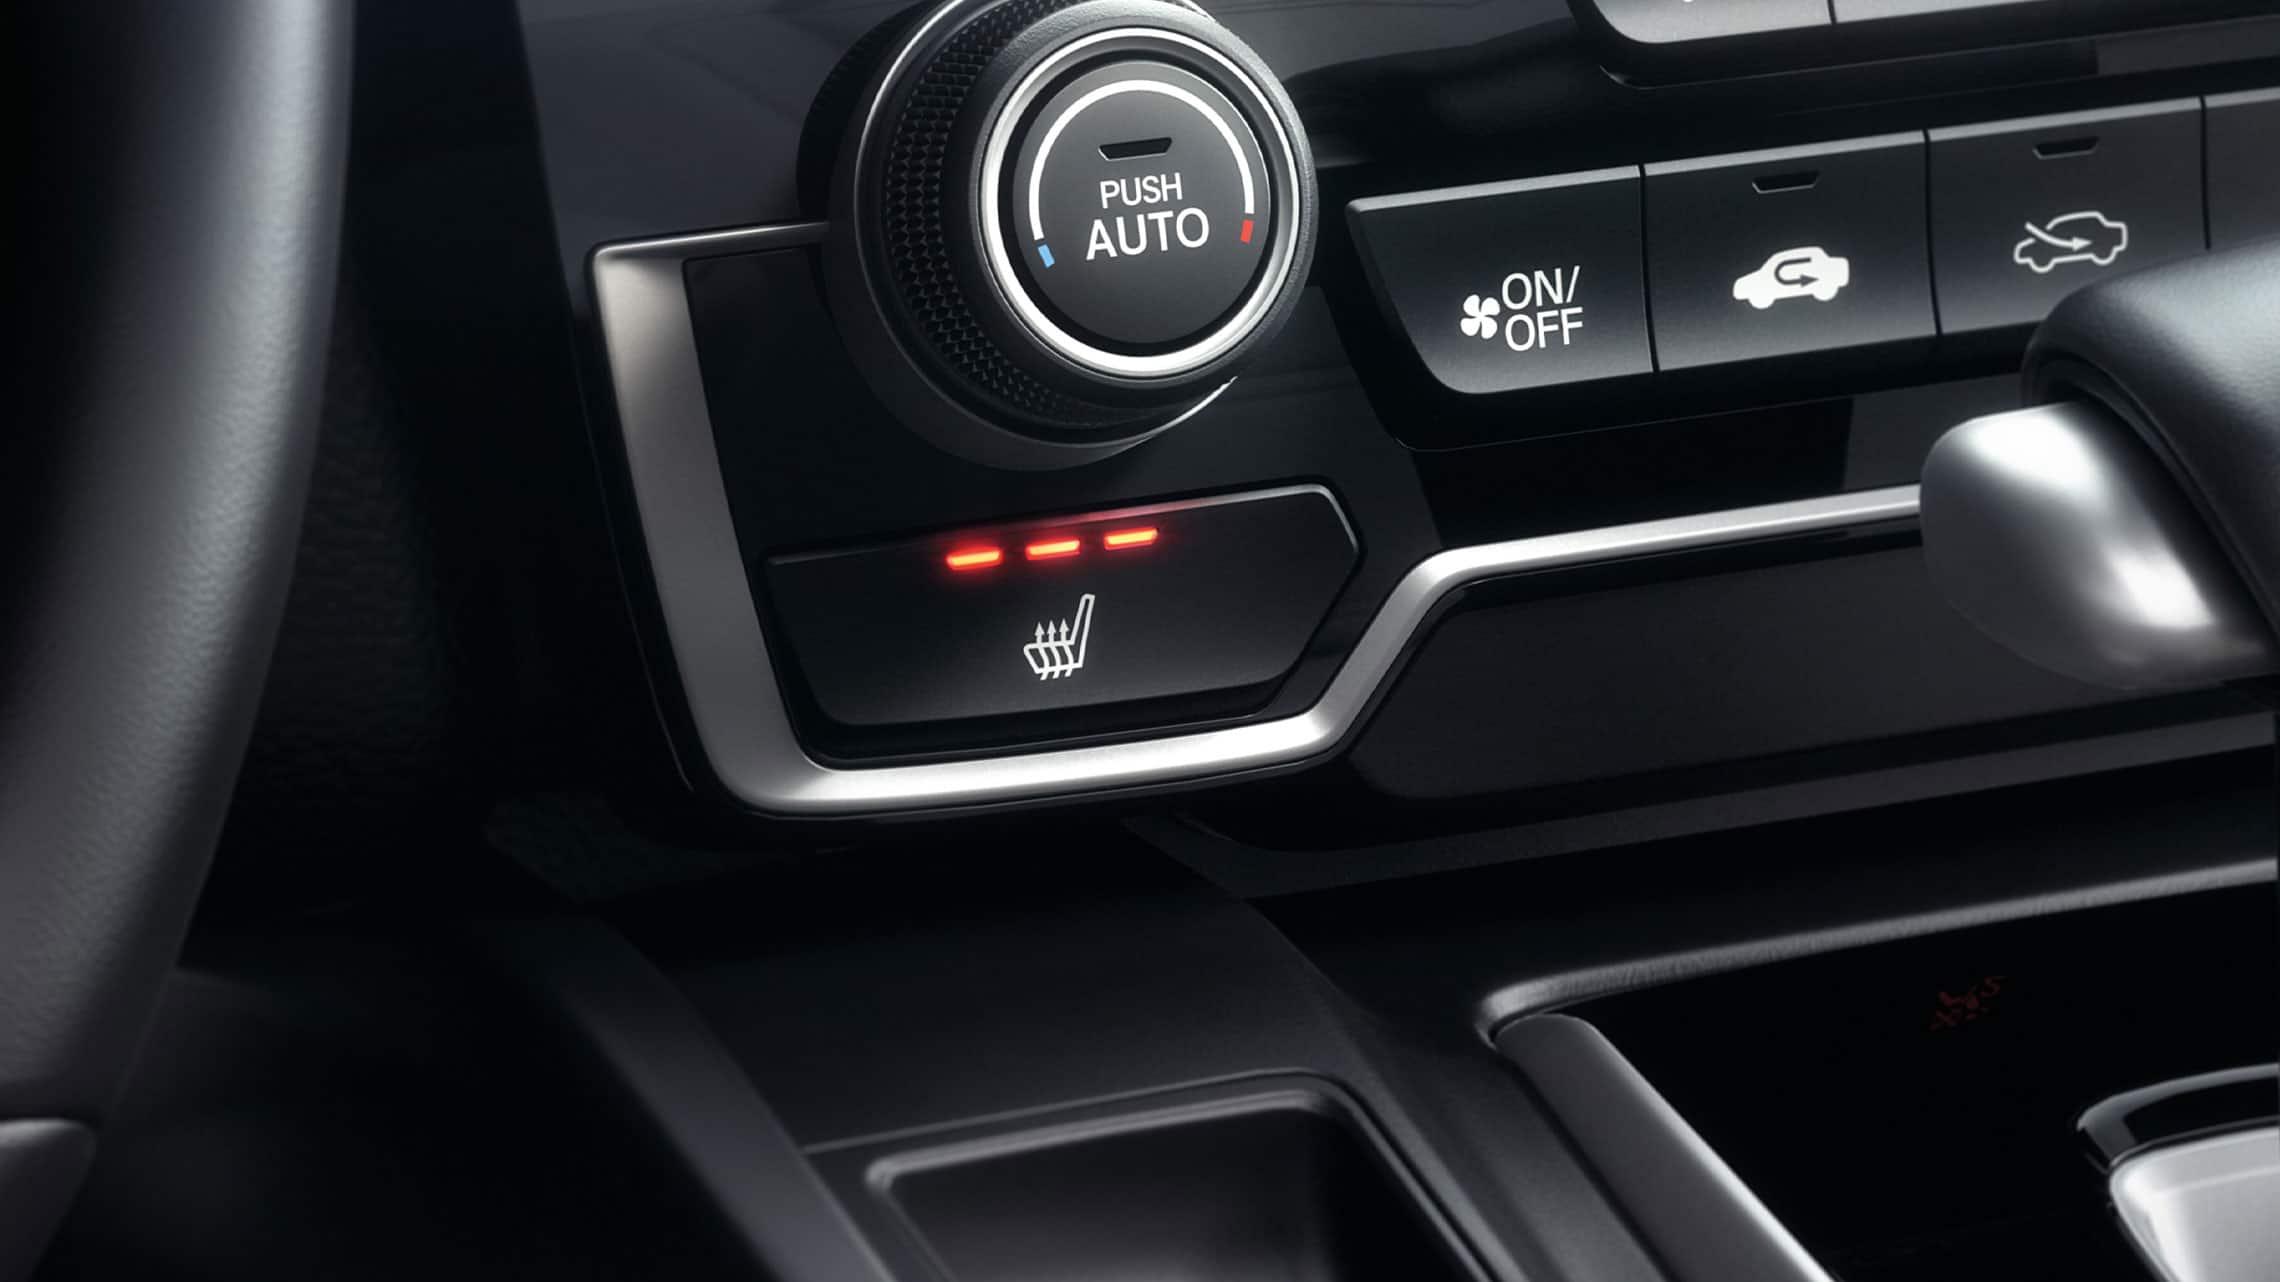 Detalle de los controles del asiento delantero con calefacción en el interior de la Honda CR-V 2020.